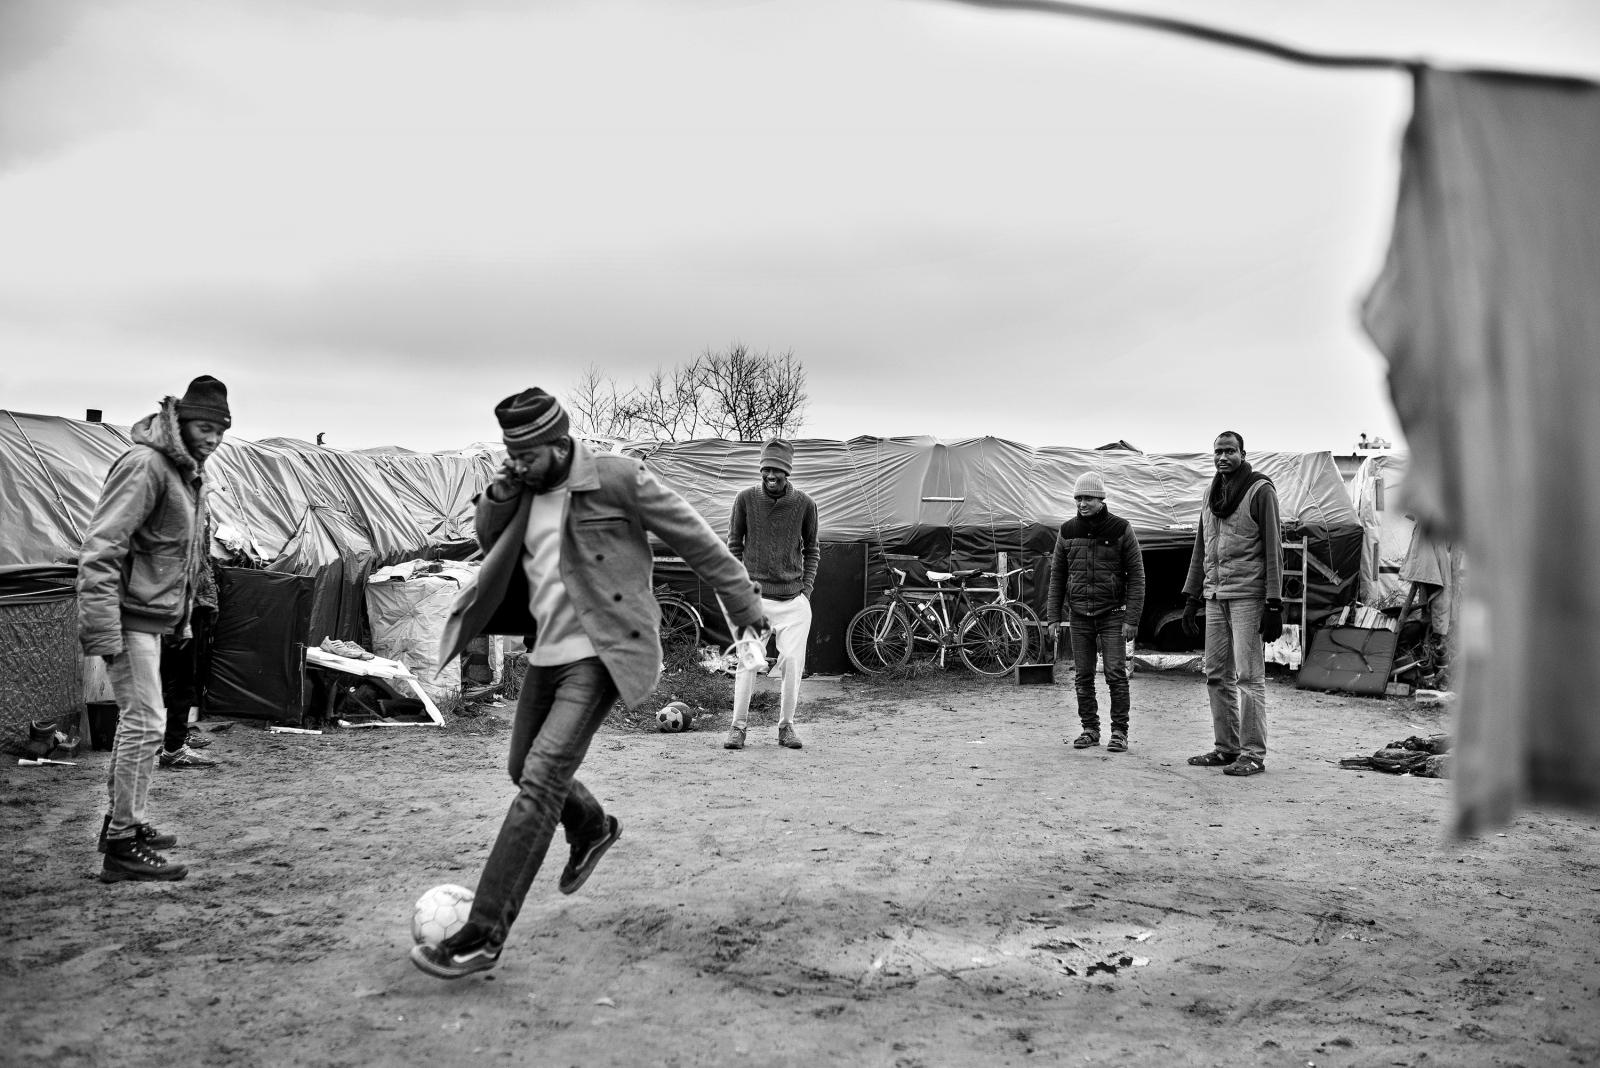 Art and Documentary Photography - Loading The_Zaghawa_of_Sudan_-_Maurizio_Martorana__14.jpg